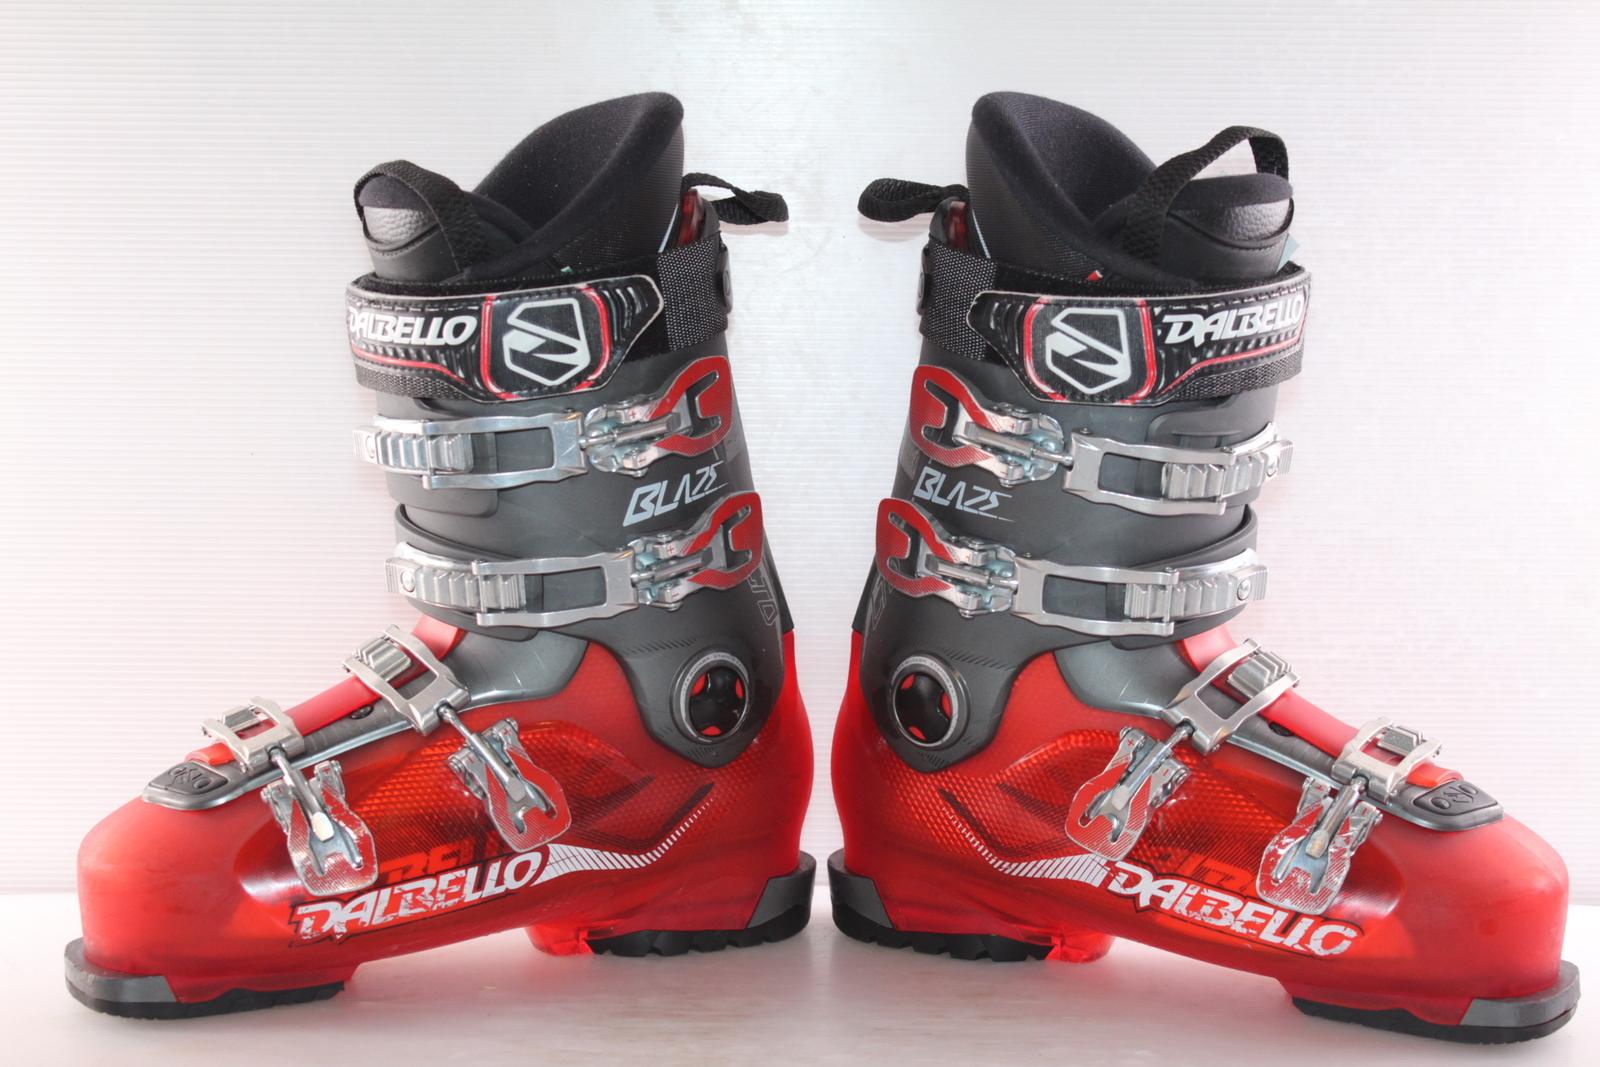 Lyžařské boty Dalbello Blaze Ltd vel. EU42